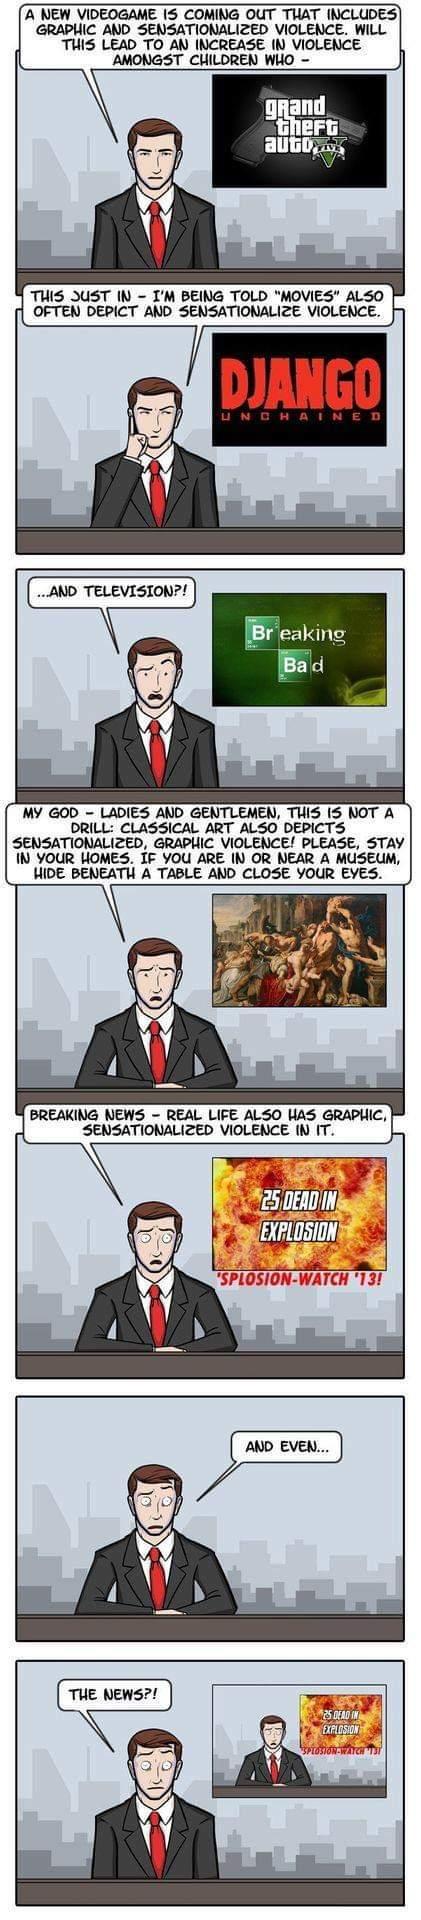 La suite logique des évènements - meme